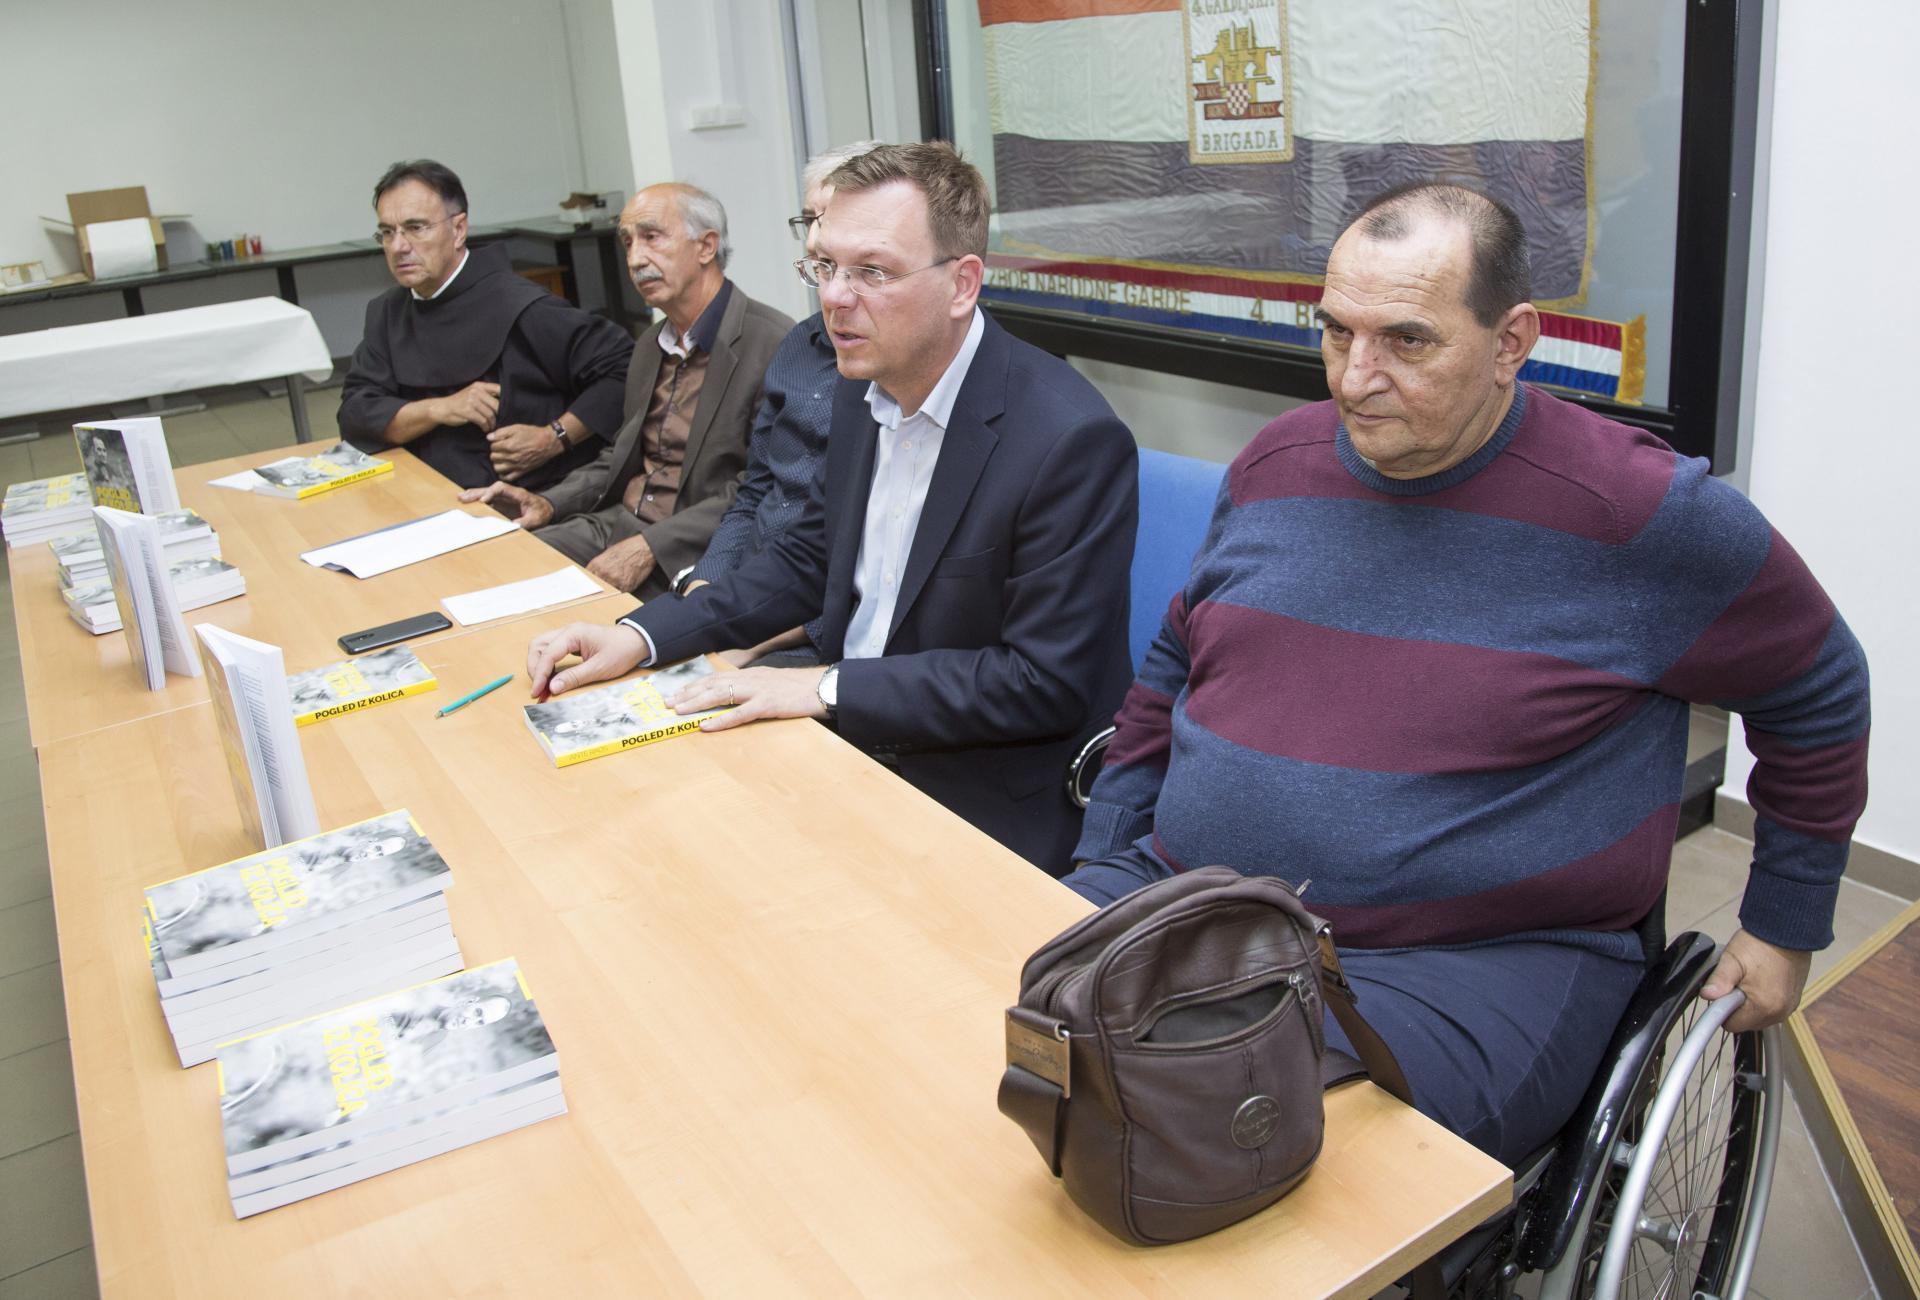 Ante Raos (u kolicima) s drugim predstavljačima svoje knjige